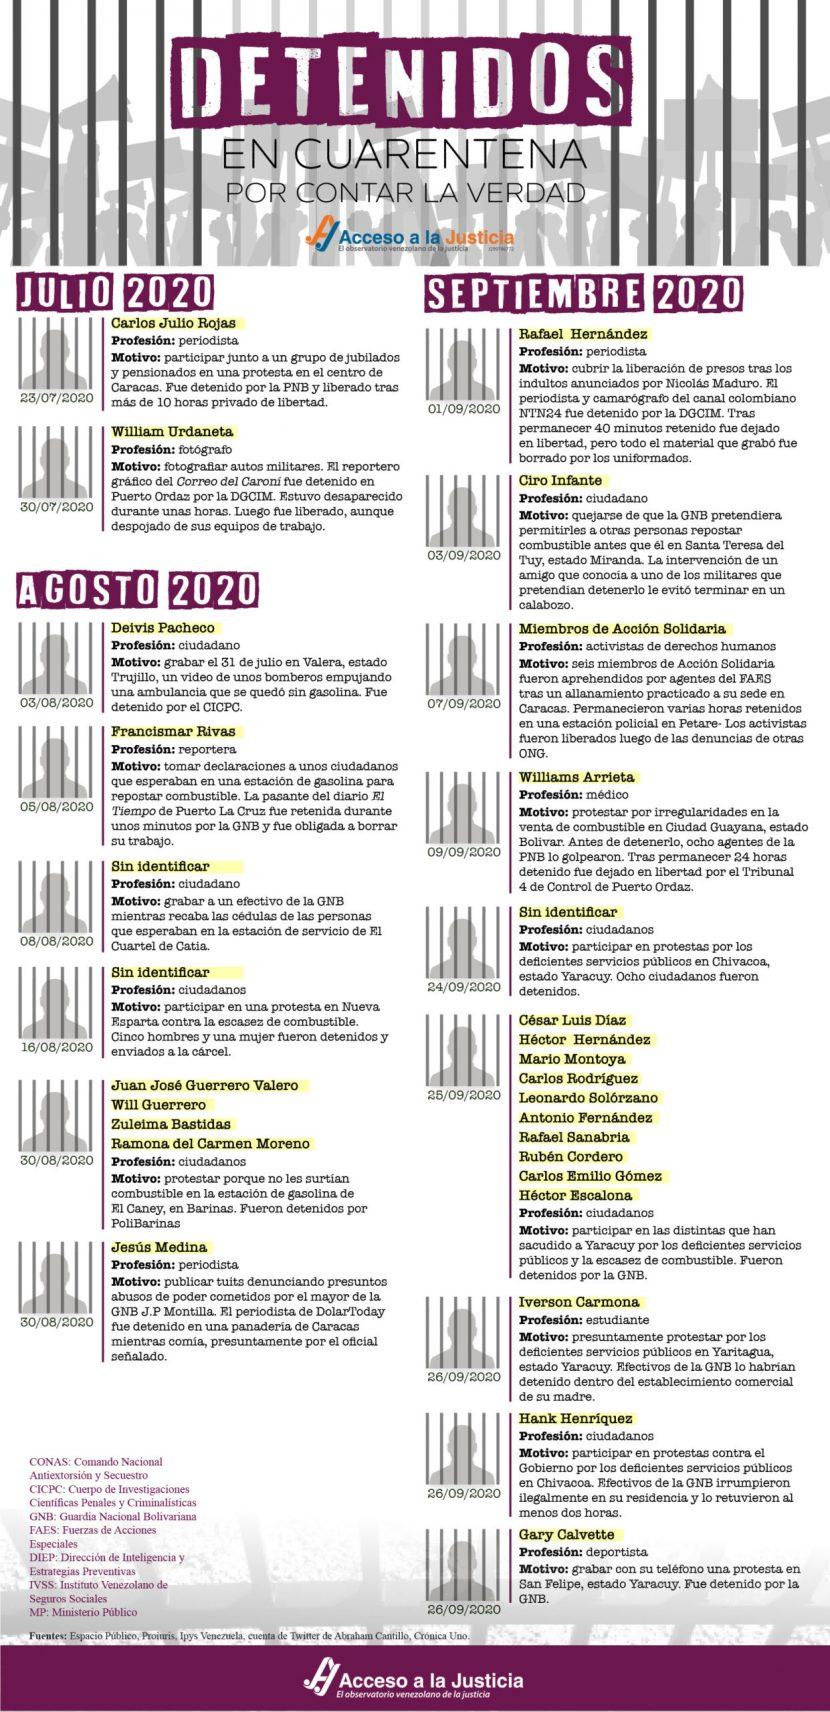 Detenidos en cuarentena por contar la verdad (Del 23 de julio al 26 de septiembre de 2020)